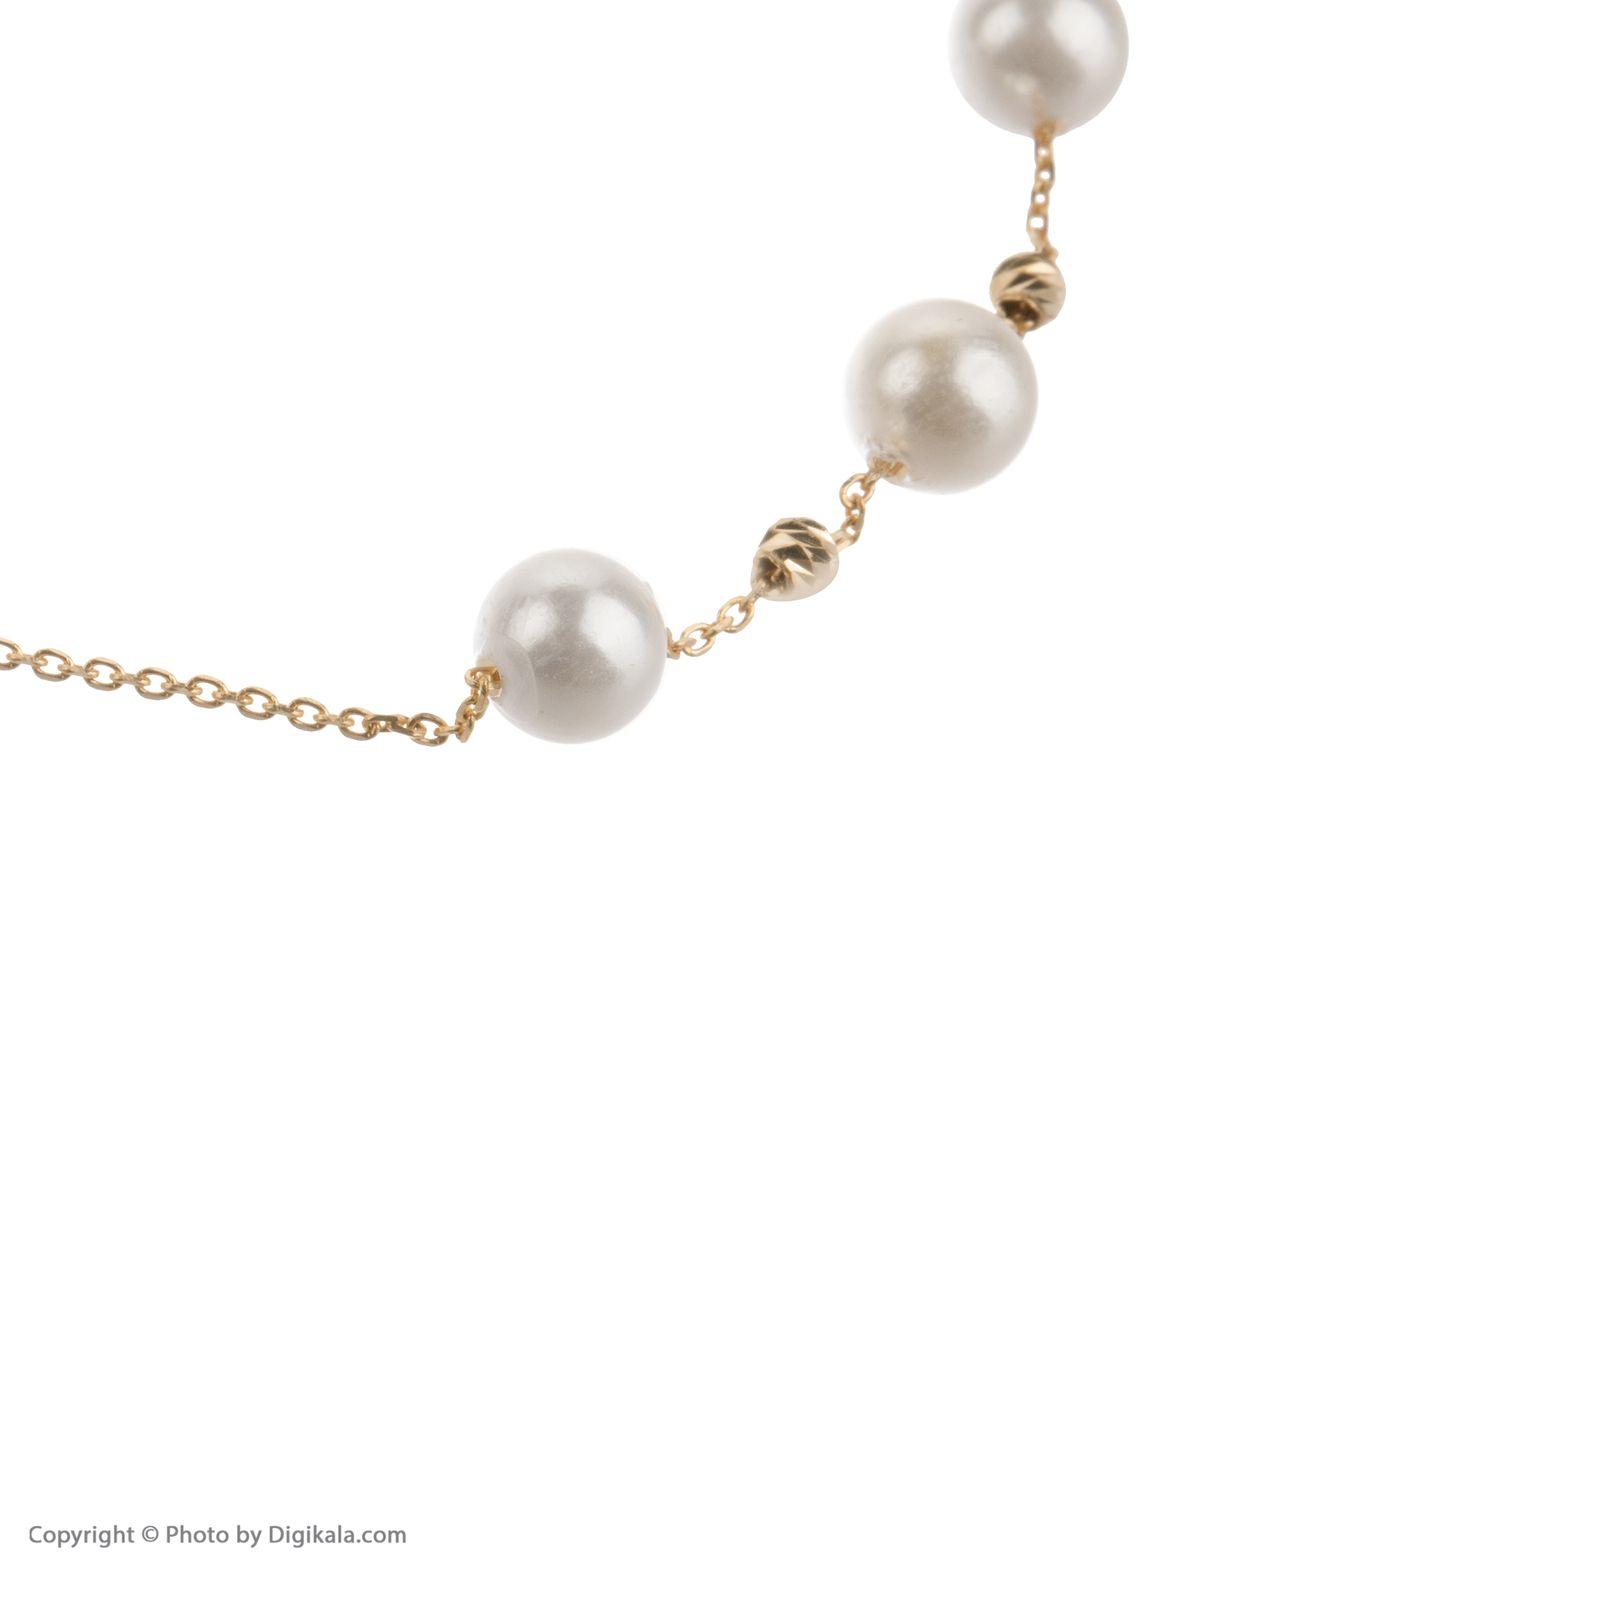 دستبند طلا 18 عیار زنانه مایا ماهک مدل ZMB1051 -  - 4